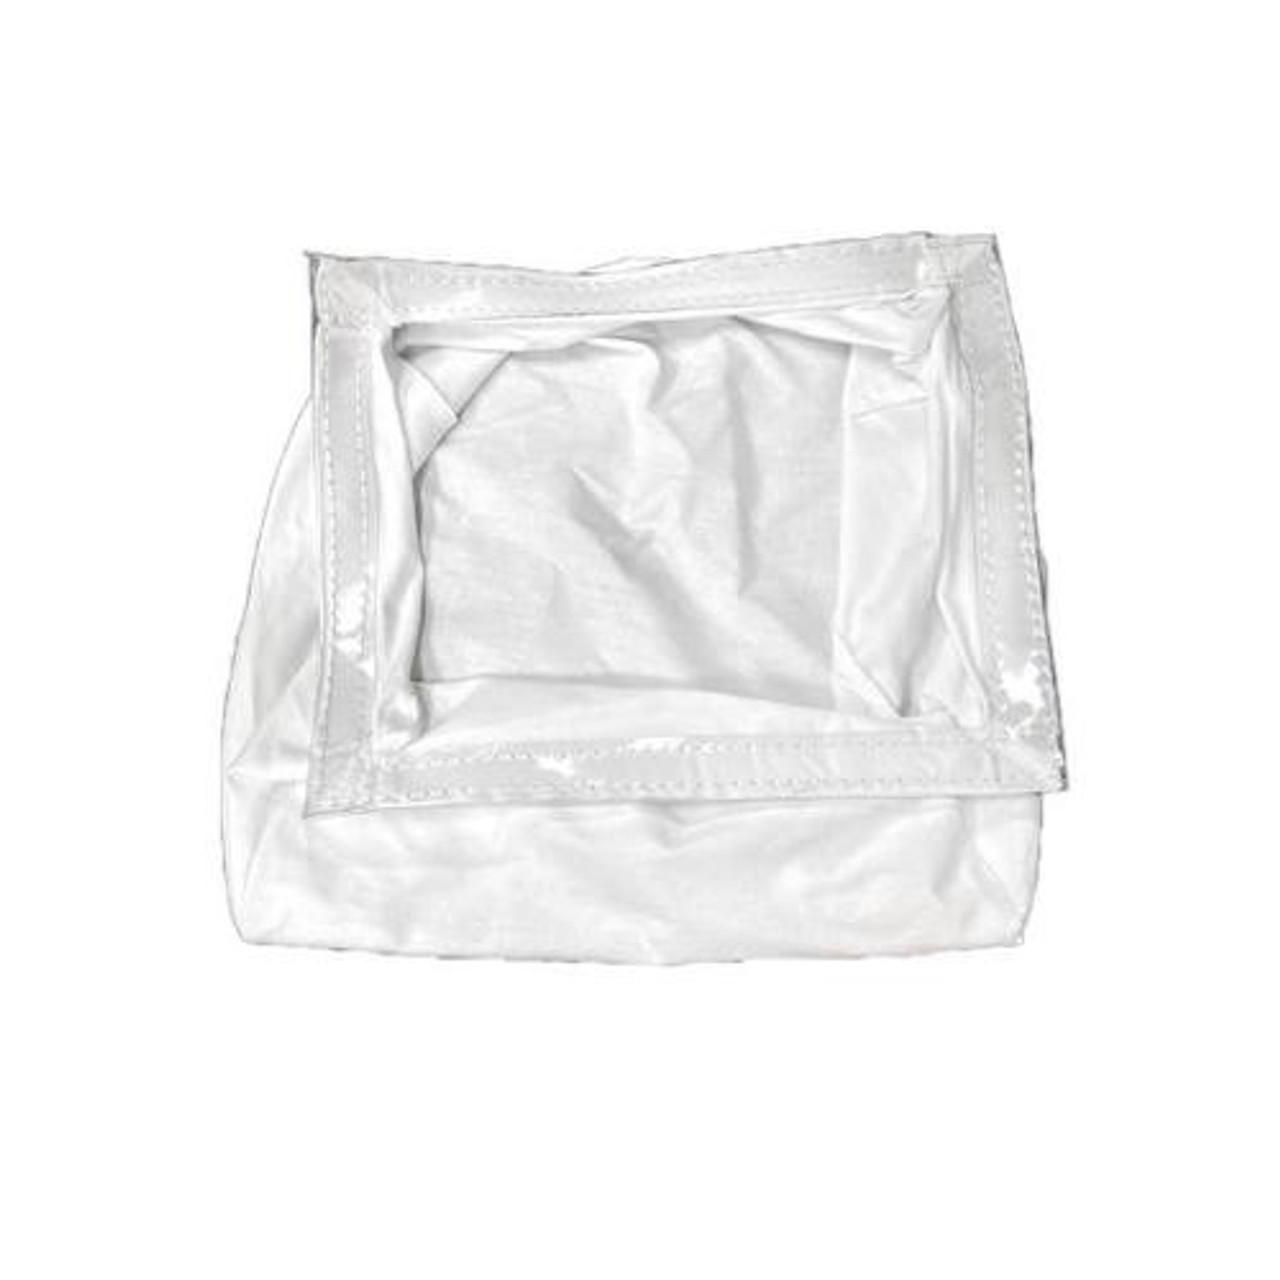 Vac Cloth Filter Bag